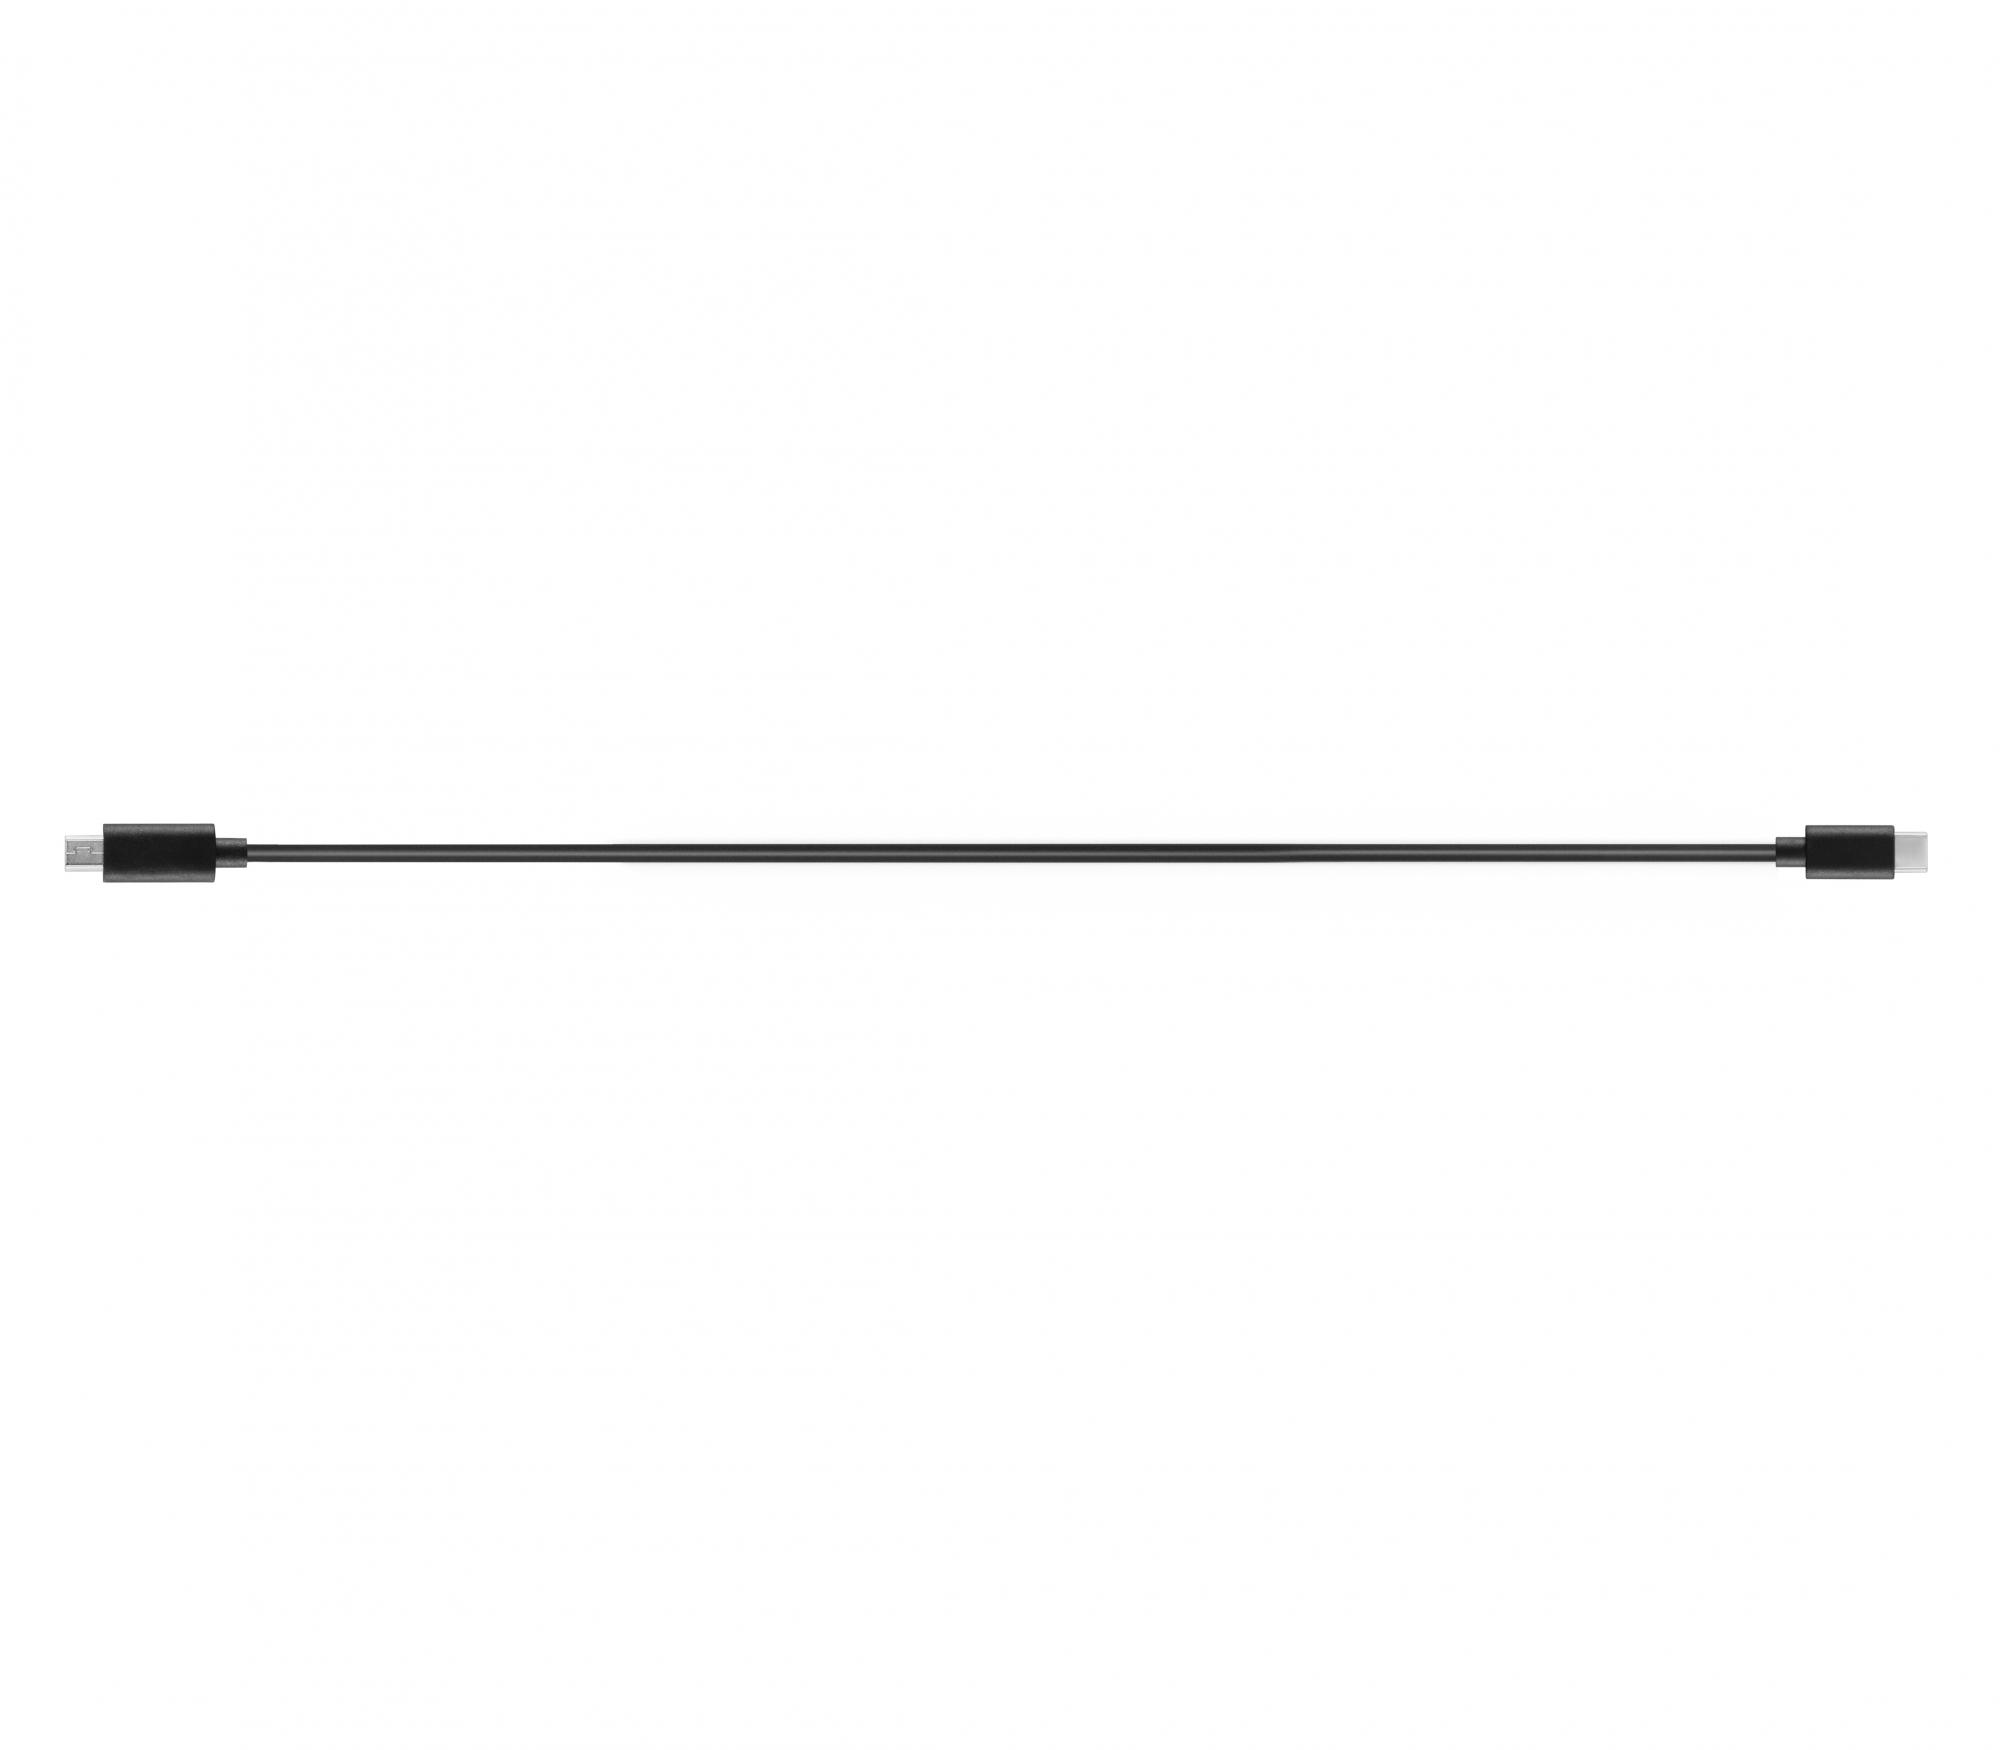 Câble DJI multicaméra Mini-USB (30 cm)